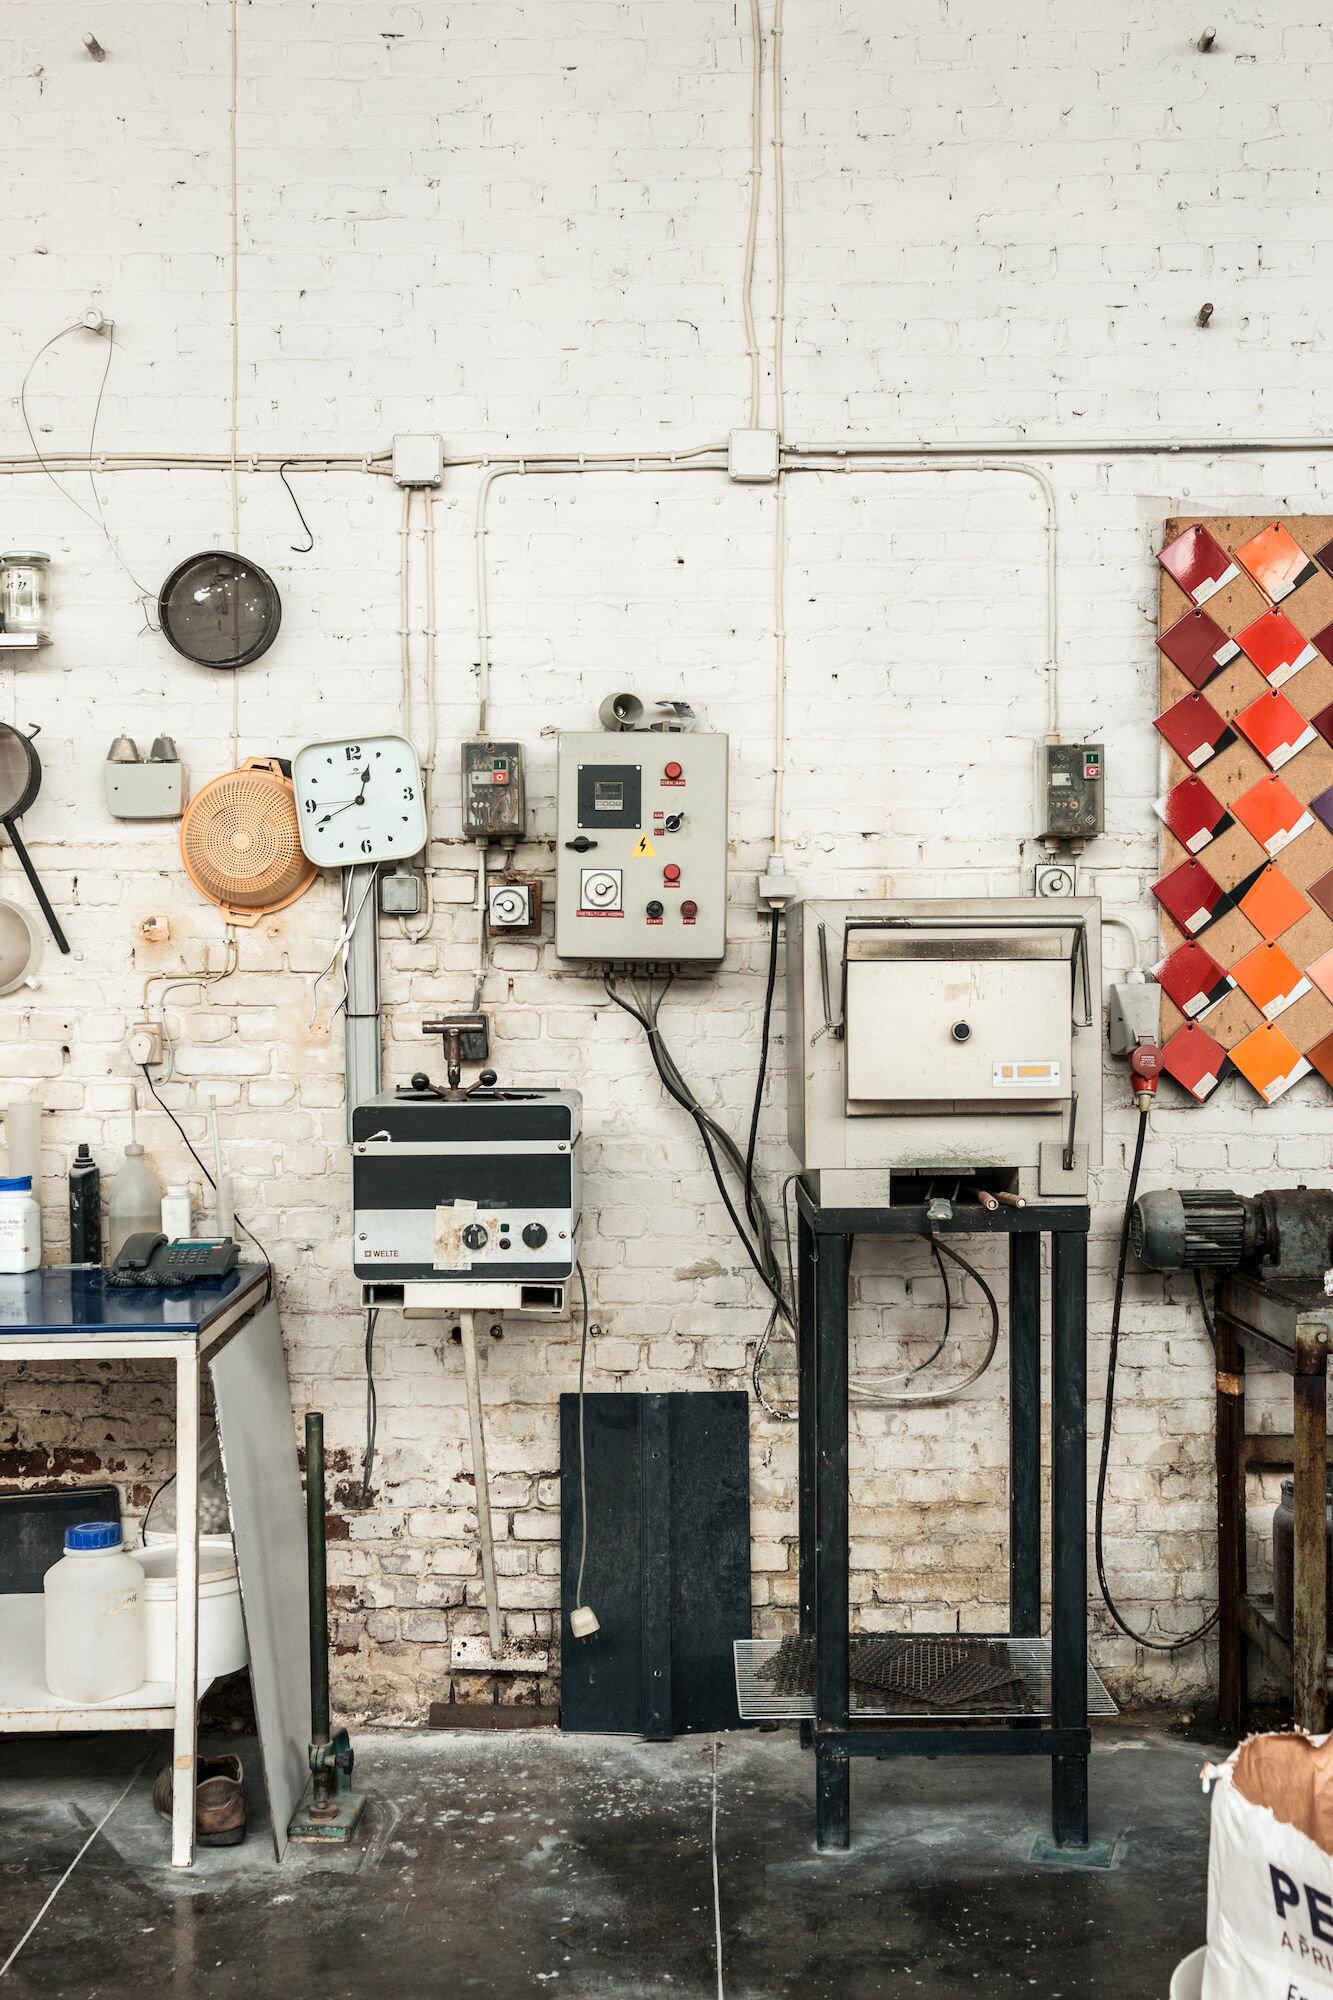 Labo emailfrit met proefoven in het atelier van Emaillerie Belge